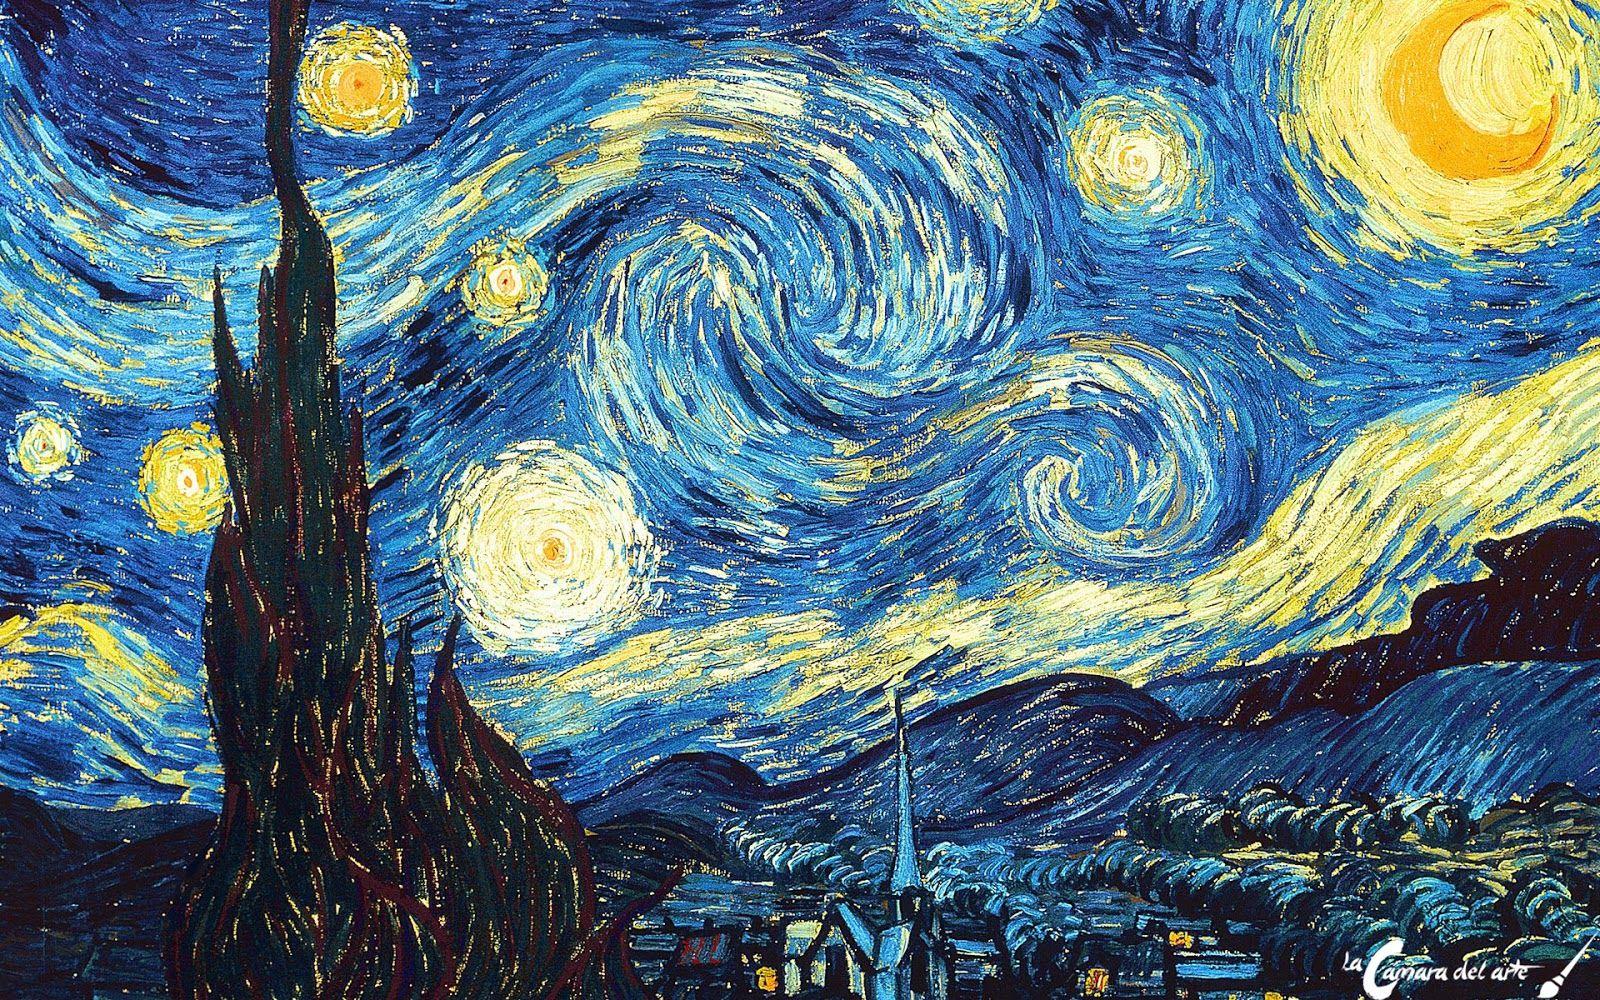 Resultado De Imagen Para La Noche Estrellada Van Gogh Arte Fondo De Arte Noche Estrellada